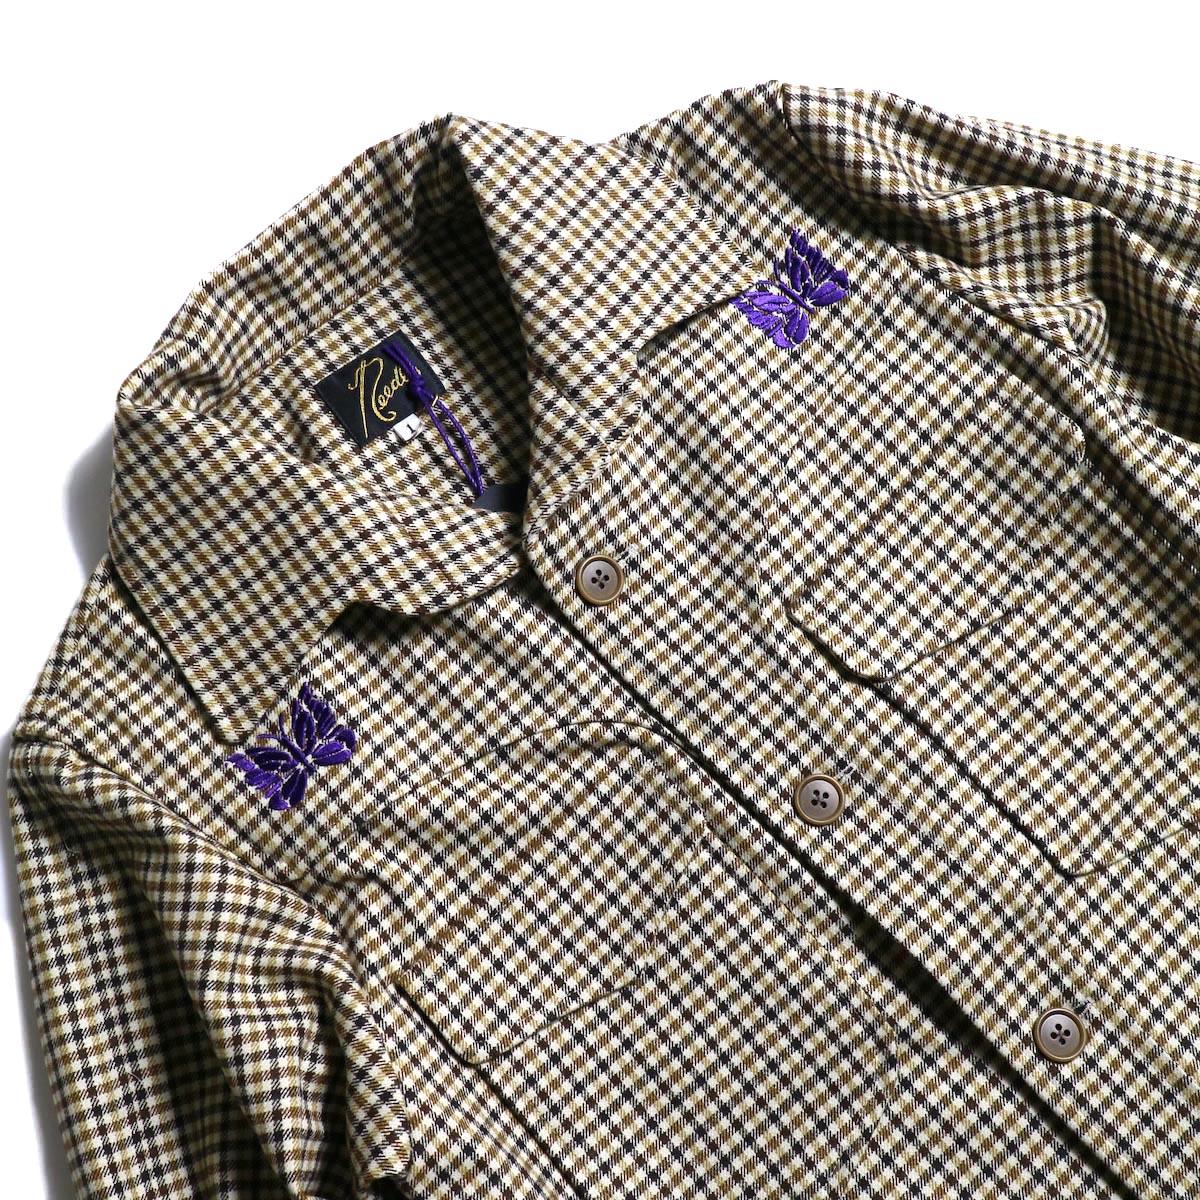 Needles / Cowboy Leisure Jacket -Gunclub Plaid (Yellow)パピヨン、ポケット